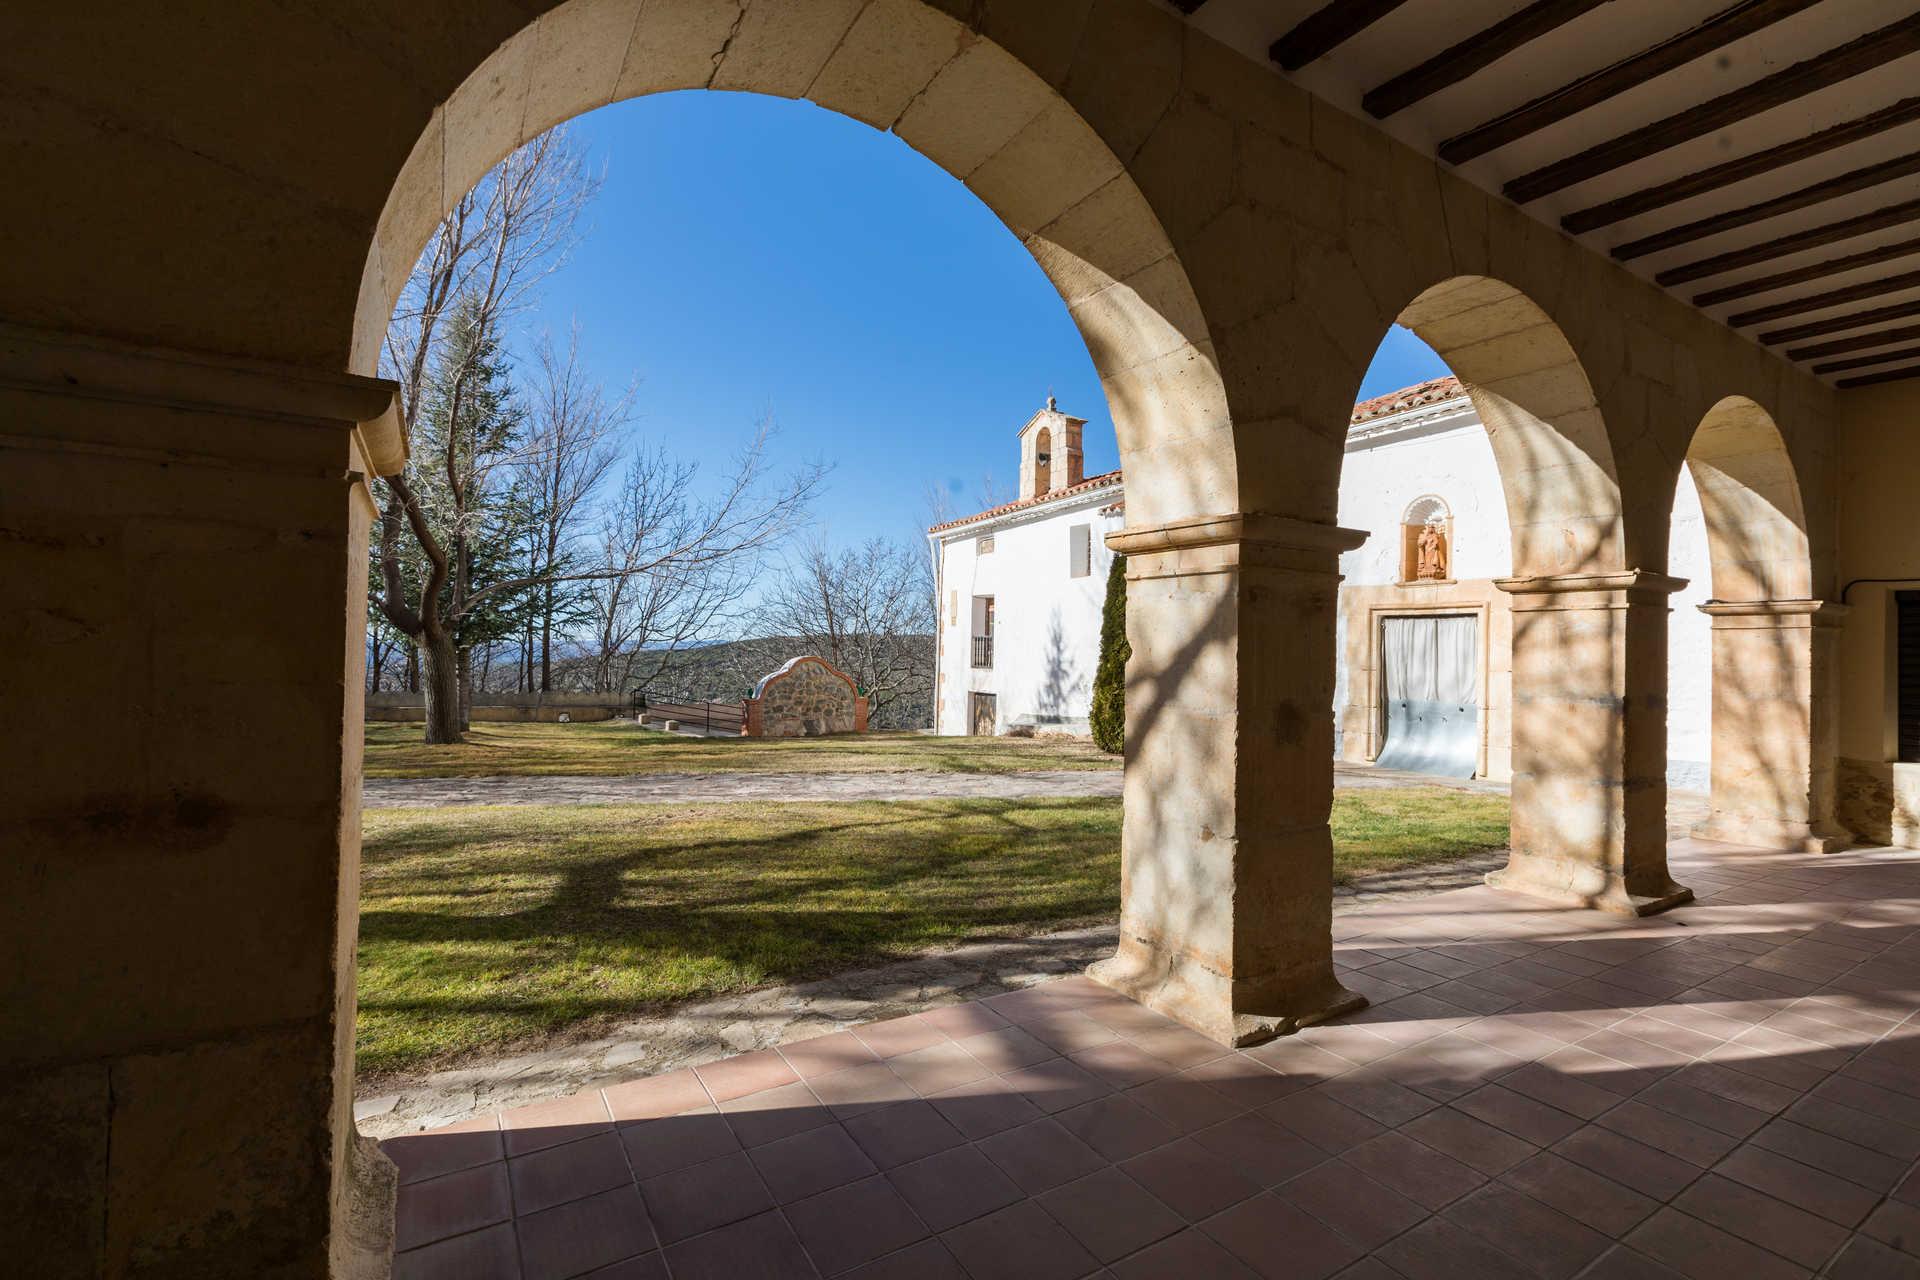 https://multimedia.comunitatvalenciana.com/9AFBC175DDCD4FACBCB42FAD936ED578/img/FFB31E76D5BE4AF28646799A0C554BBE/Ermita_Santa_Catalina_7H9A0943.jpg?responsive